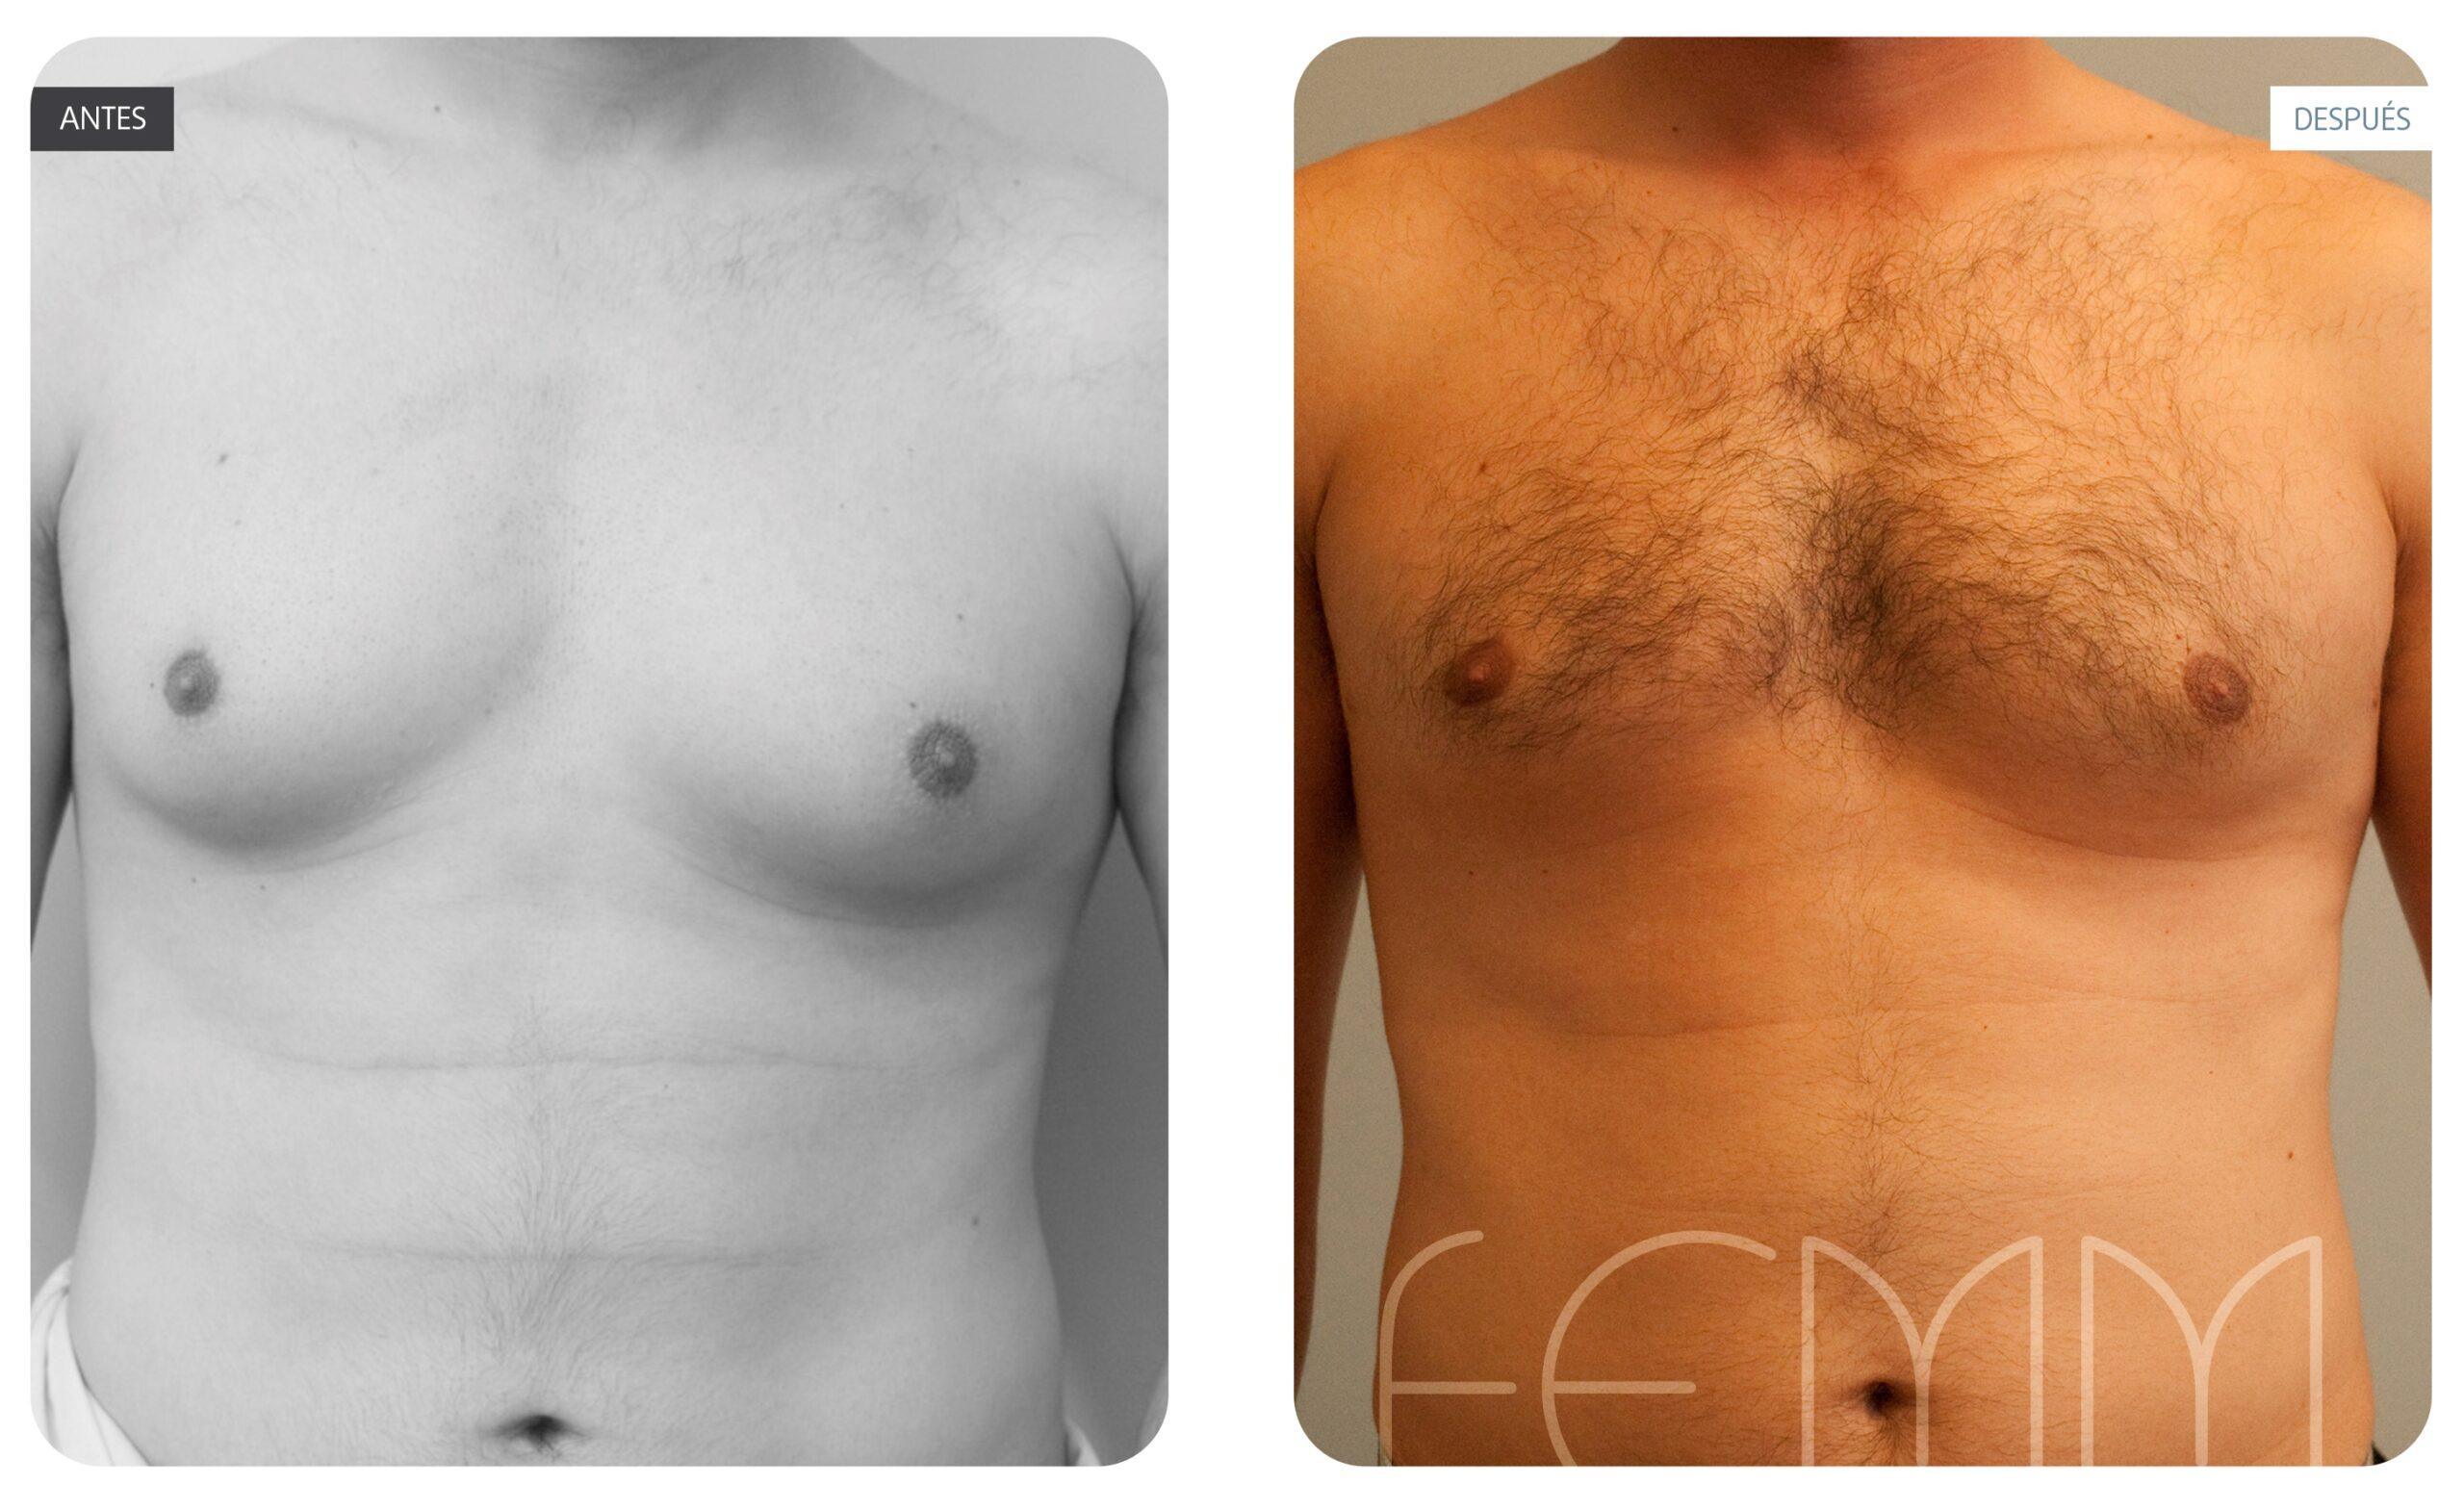 Caso clínico con fotos antes y después de una ginecomastia